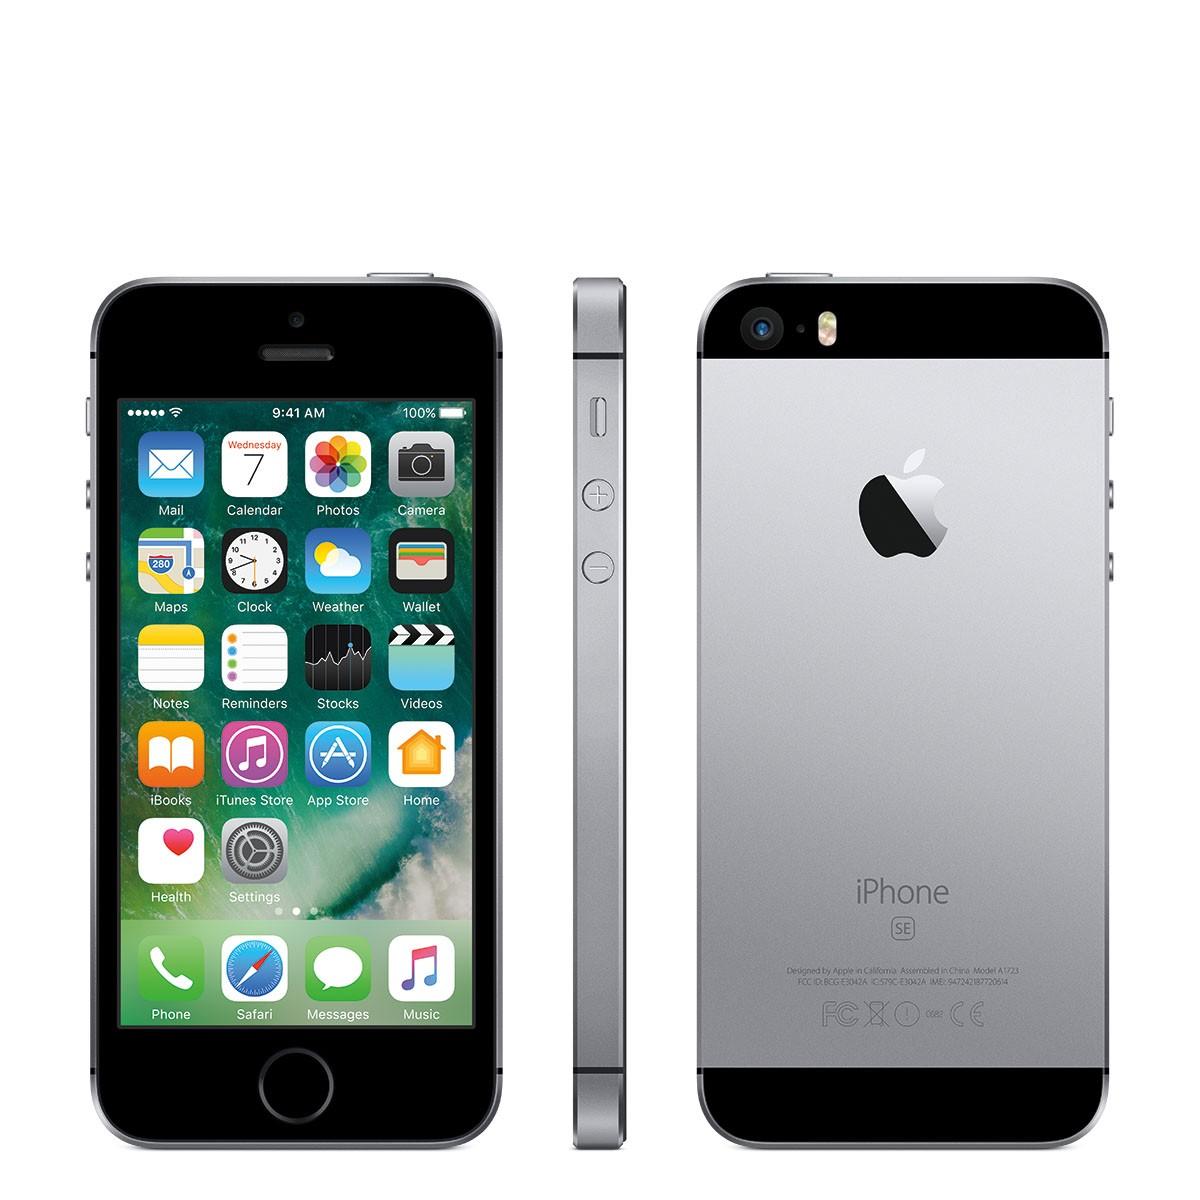 iphonese spgry pureangles ww en print copy 2 - iPhone Cihazlarının Özellikleri,Çıkış Tarihleri ve Güncelleme Bilgileri